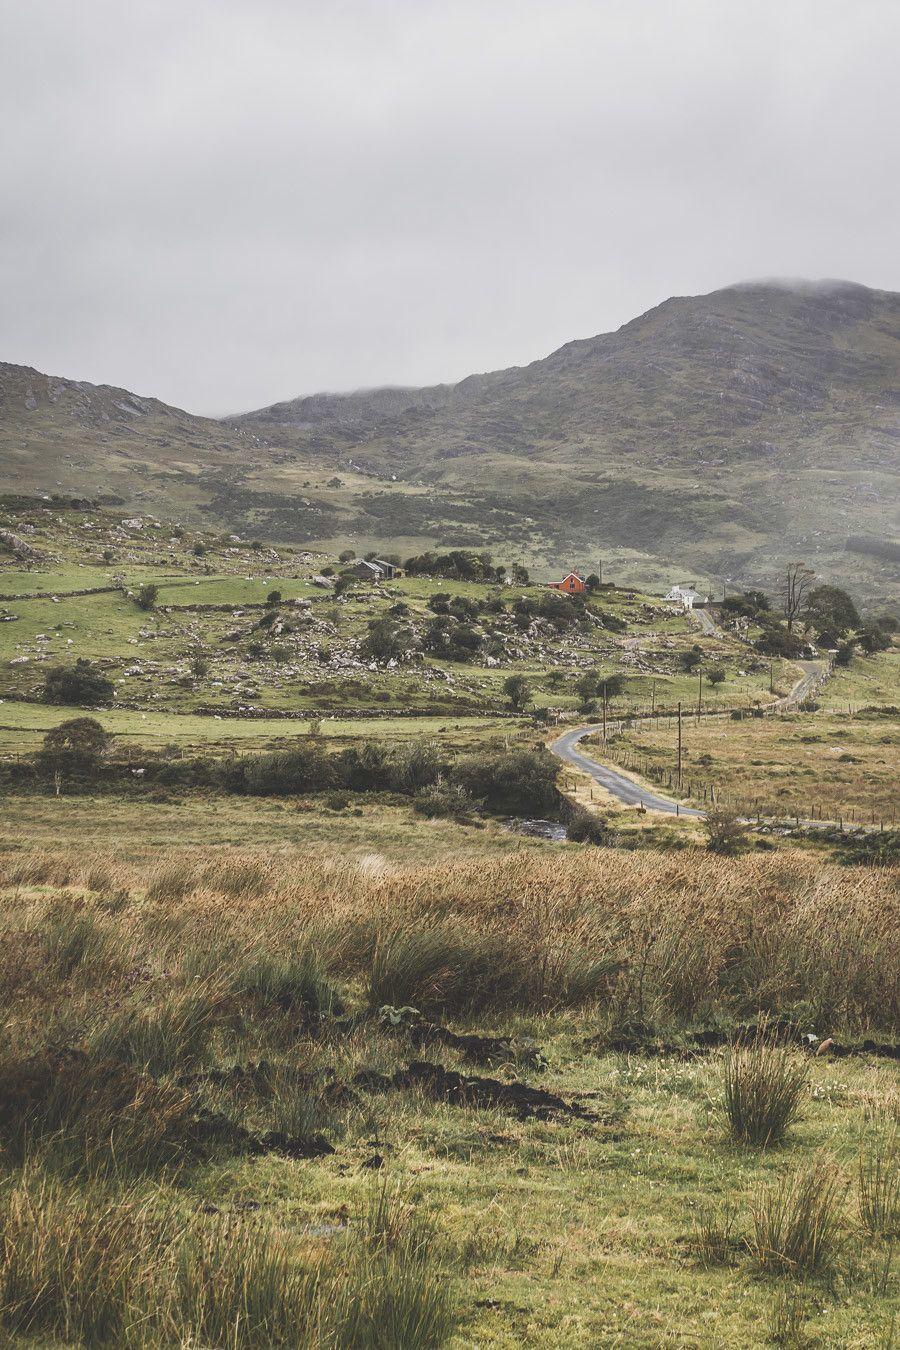 Road trip en Irlande sur les route du Healy Pass